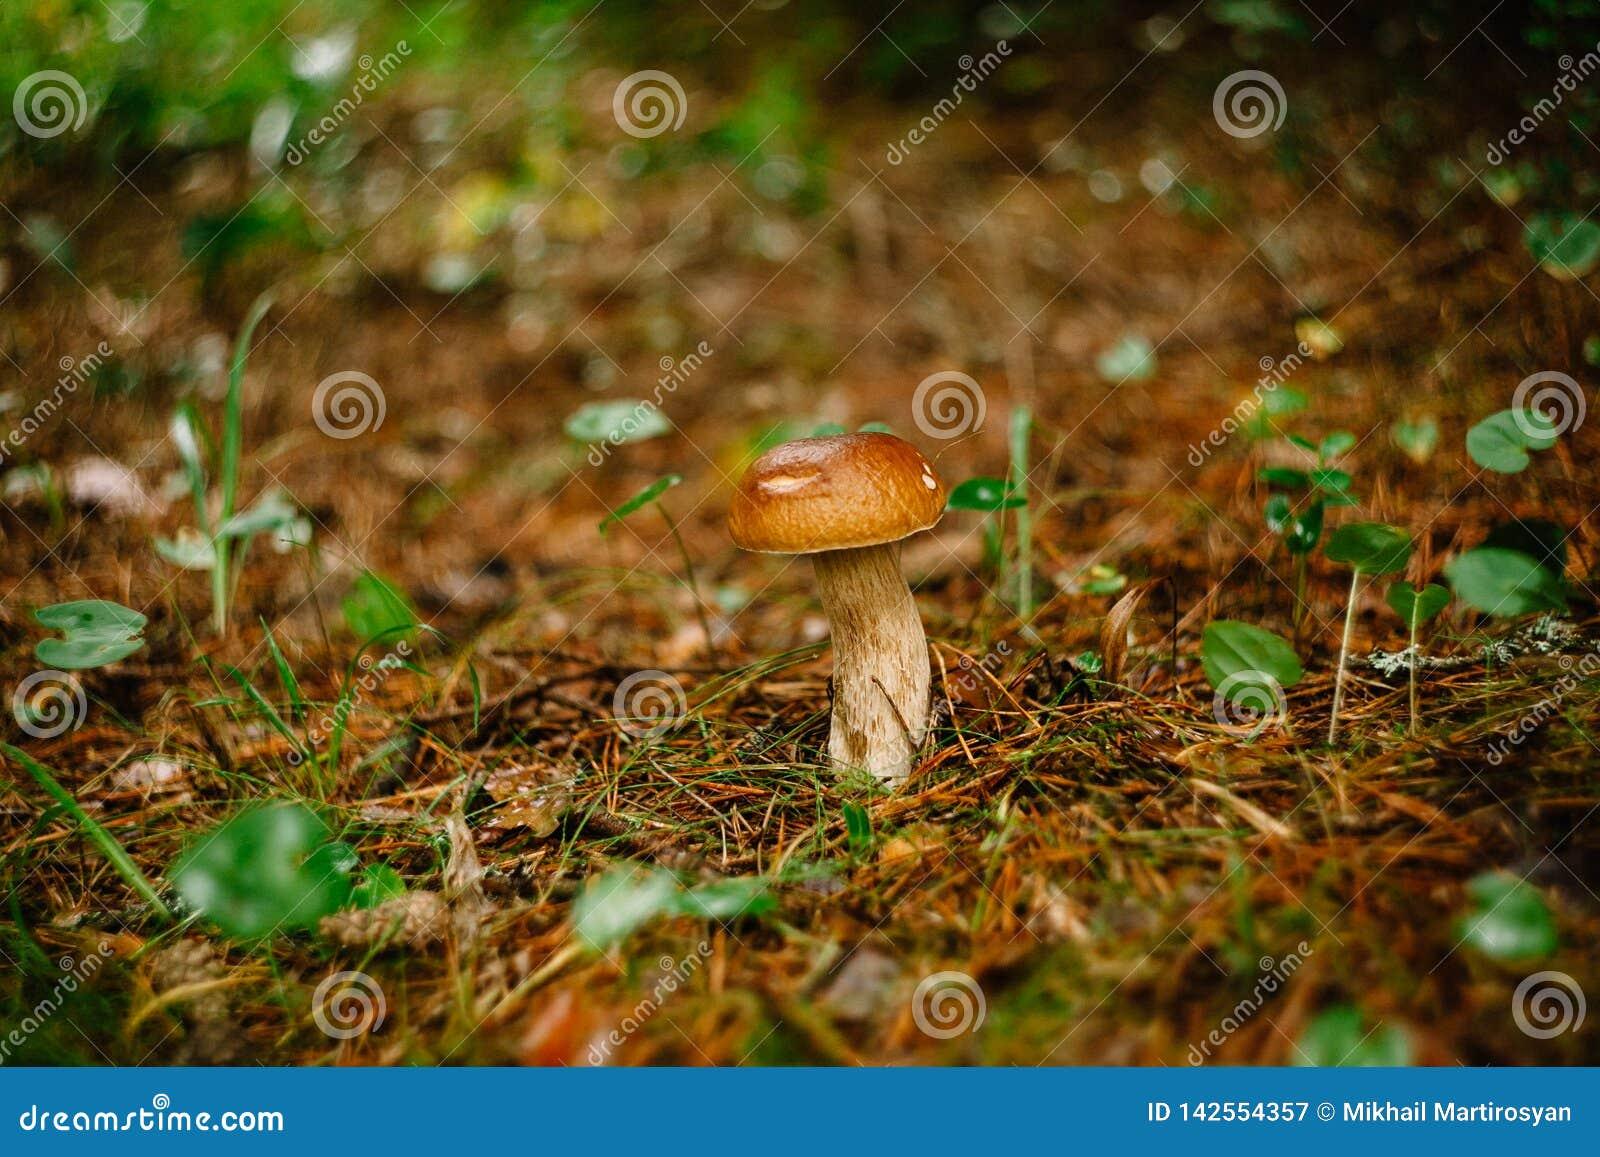 Escolhendo cogumelos e arandos na floresta no verão ou no outono adiantado Dias de verão Os cogumelos e as bagas estão crescendo